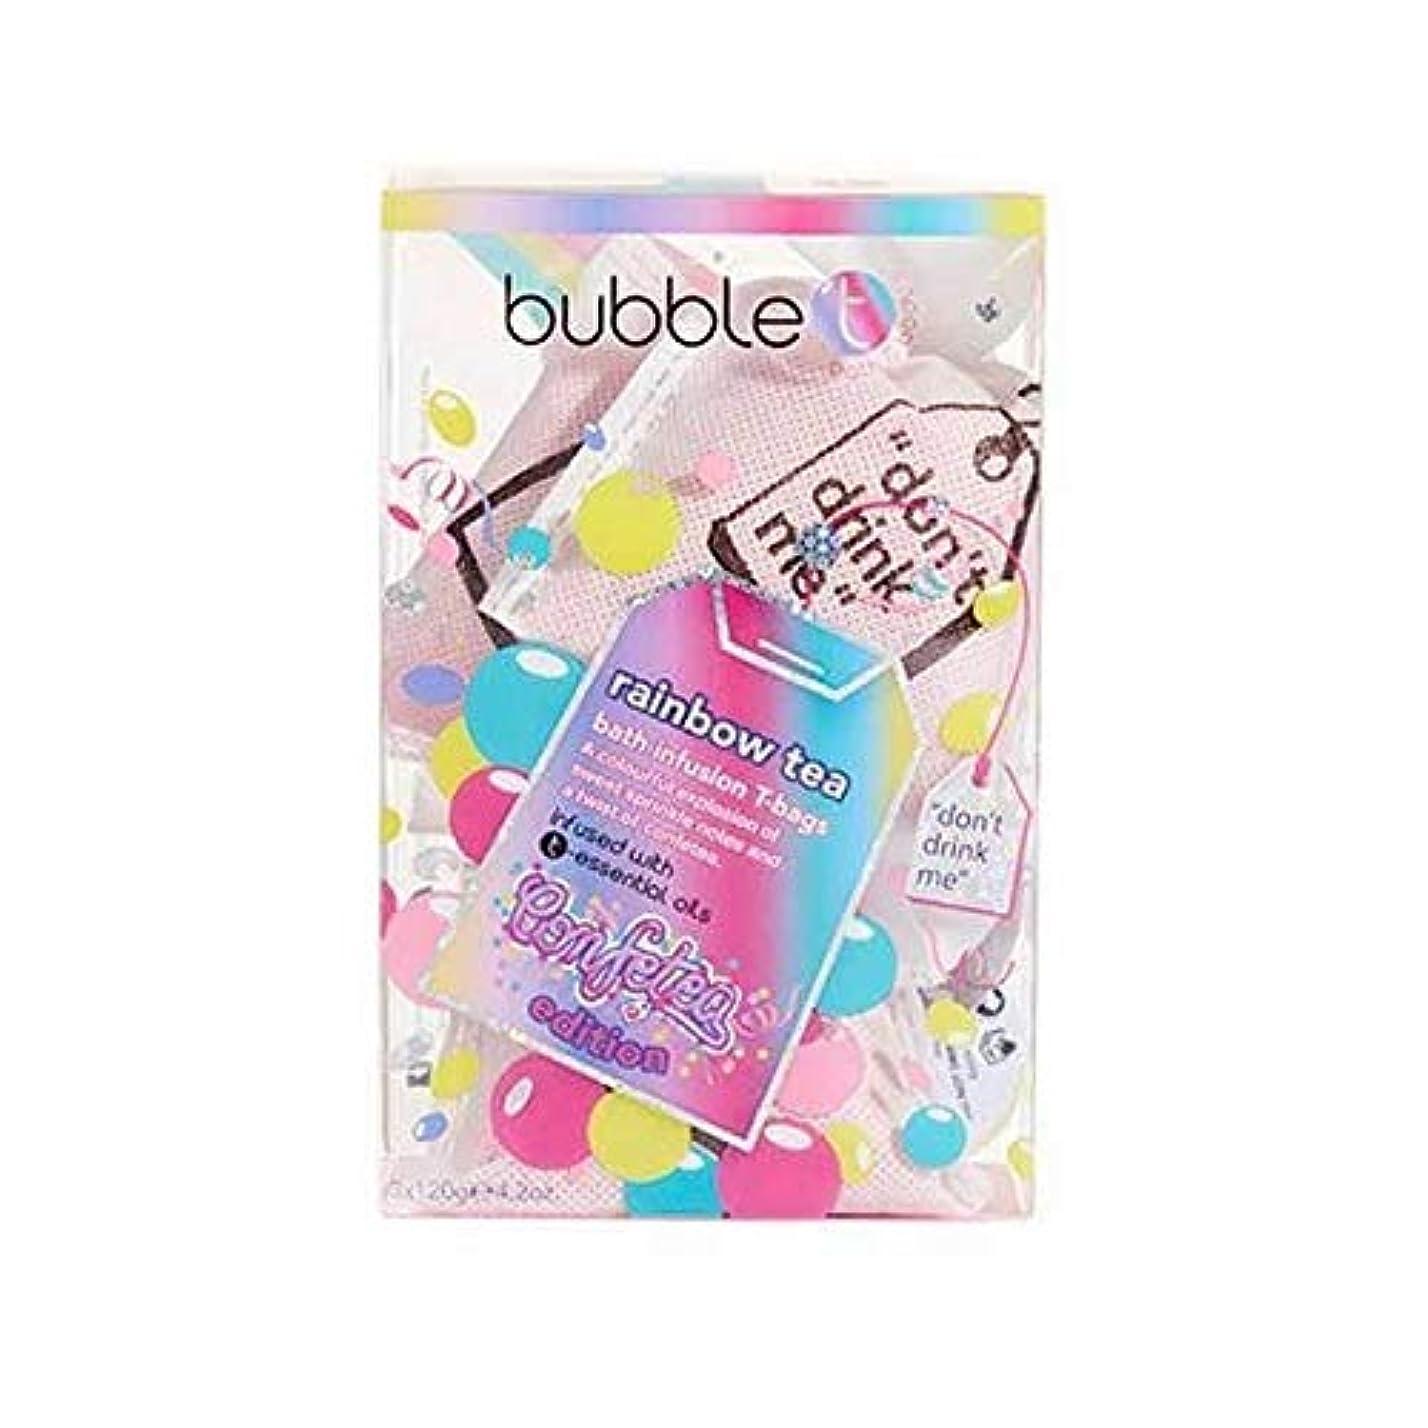 カバレッジ不機嫌振る舞い[Bubble T ] バブルトンの化粧品 - 入浴輸液ティーバッグ虹のお茶 - Bubble T Cosmetics - Bath infusion tea bags Rainbow tea [並行輸入品]